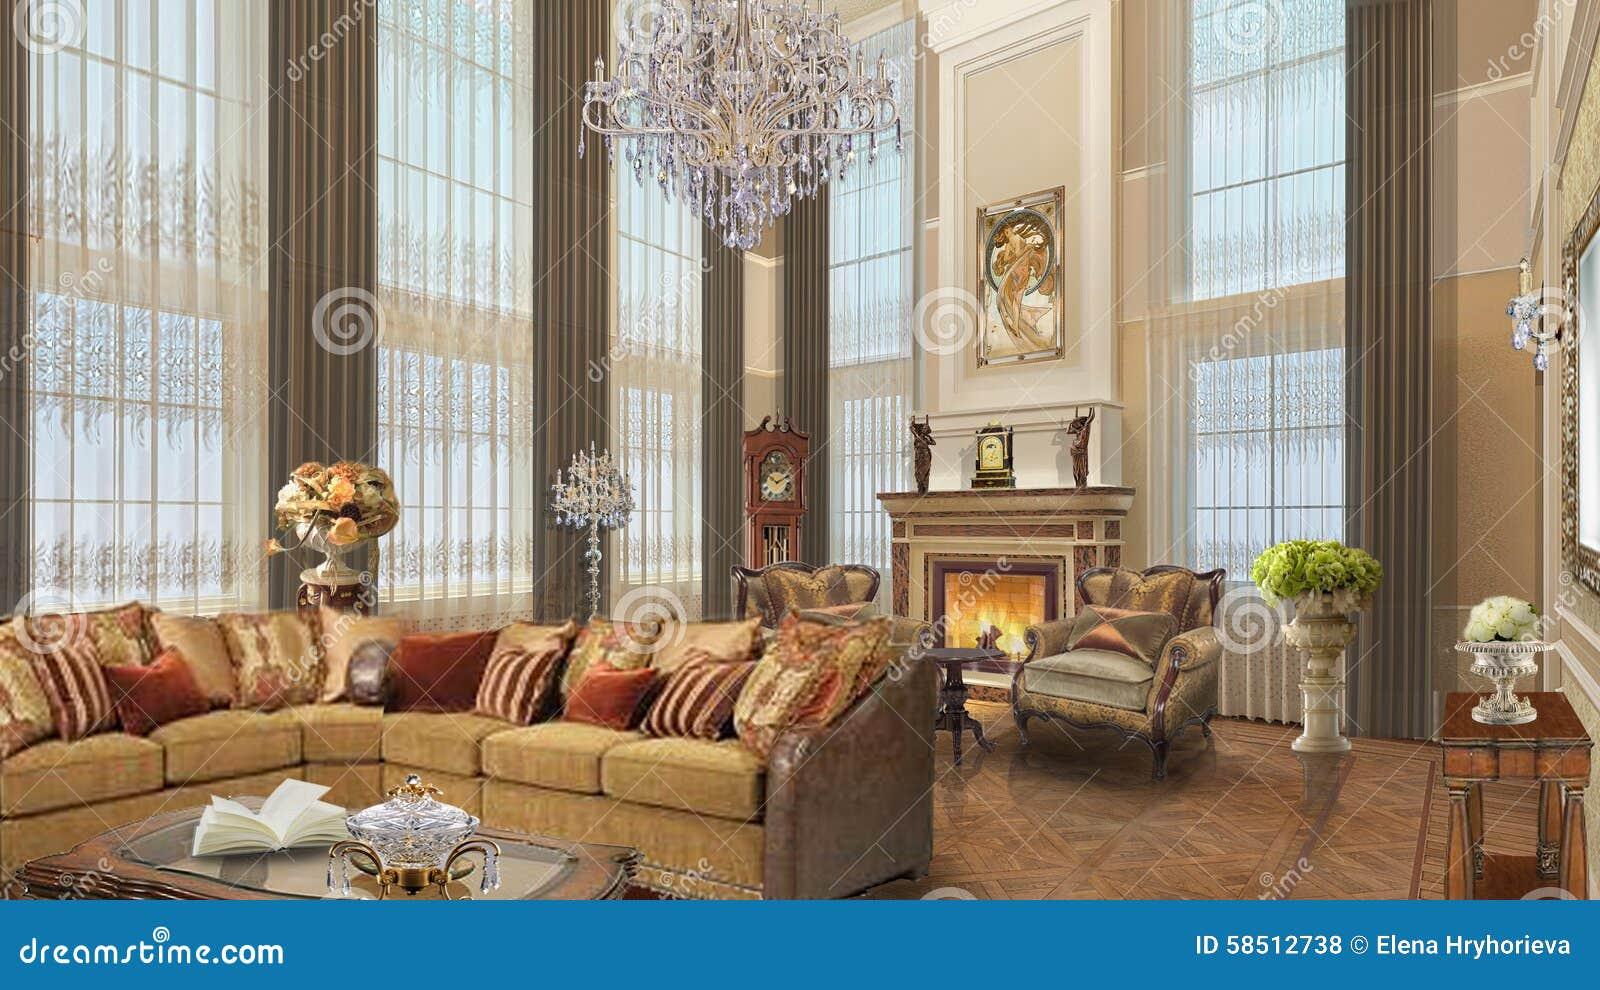 Design de interiores casa projeto estilo cl ssico for Diseno de interiores clasico